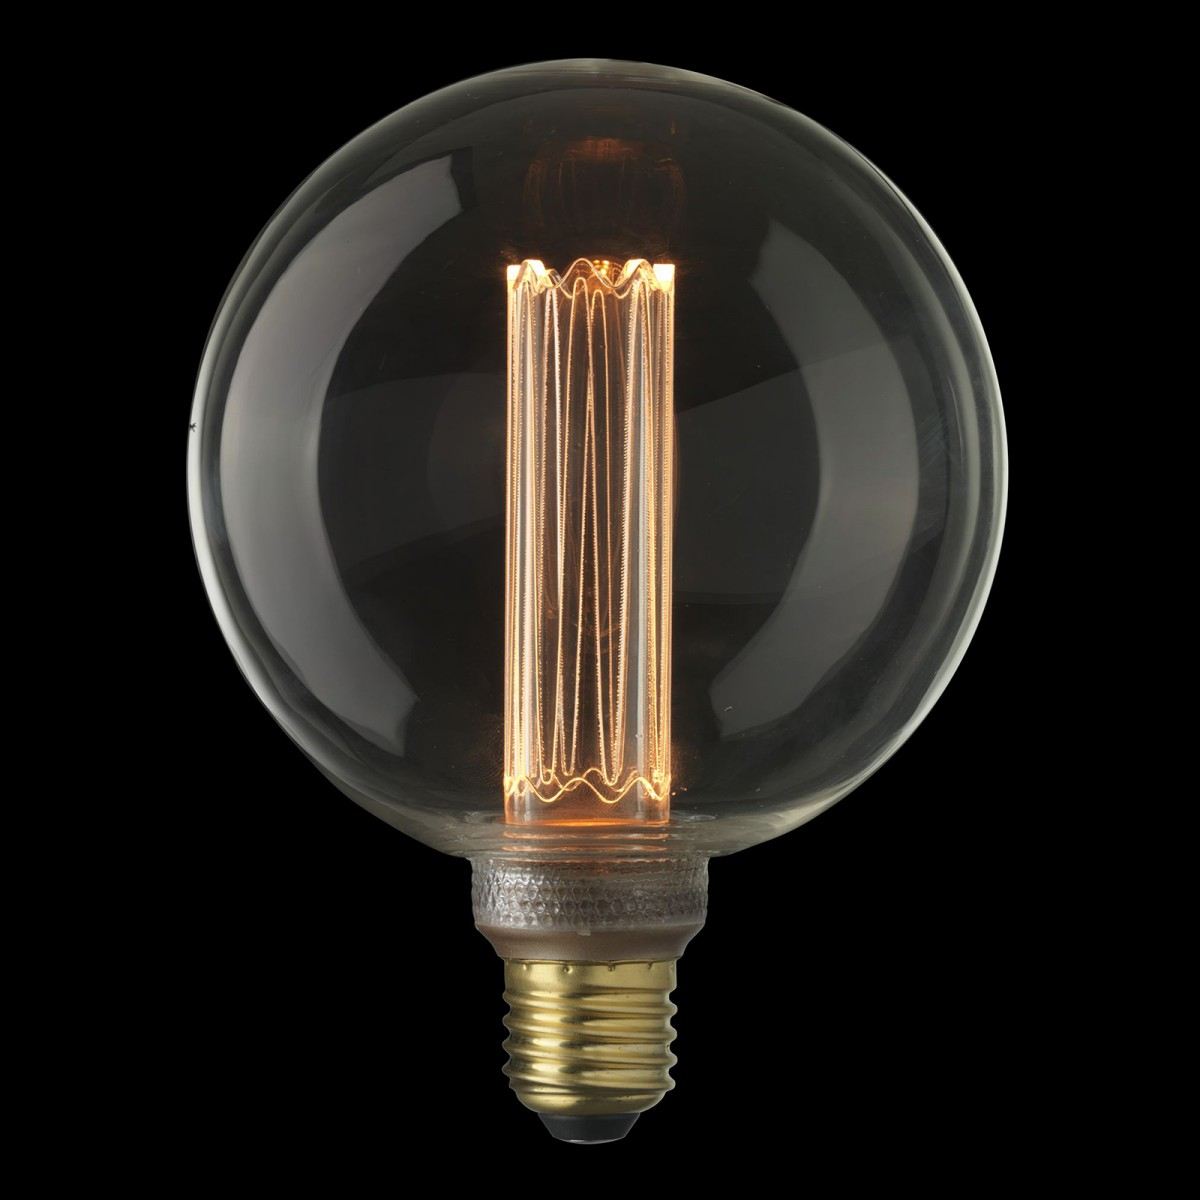 Bec Laser LED filament  dimabil L211, E27, 12.5cm, lumină caldă